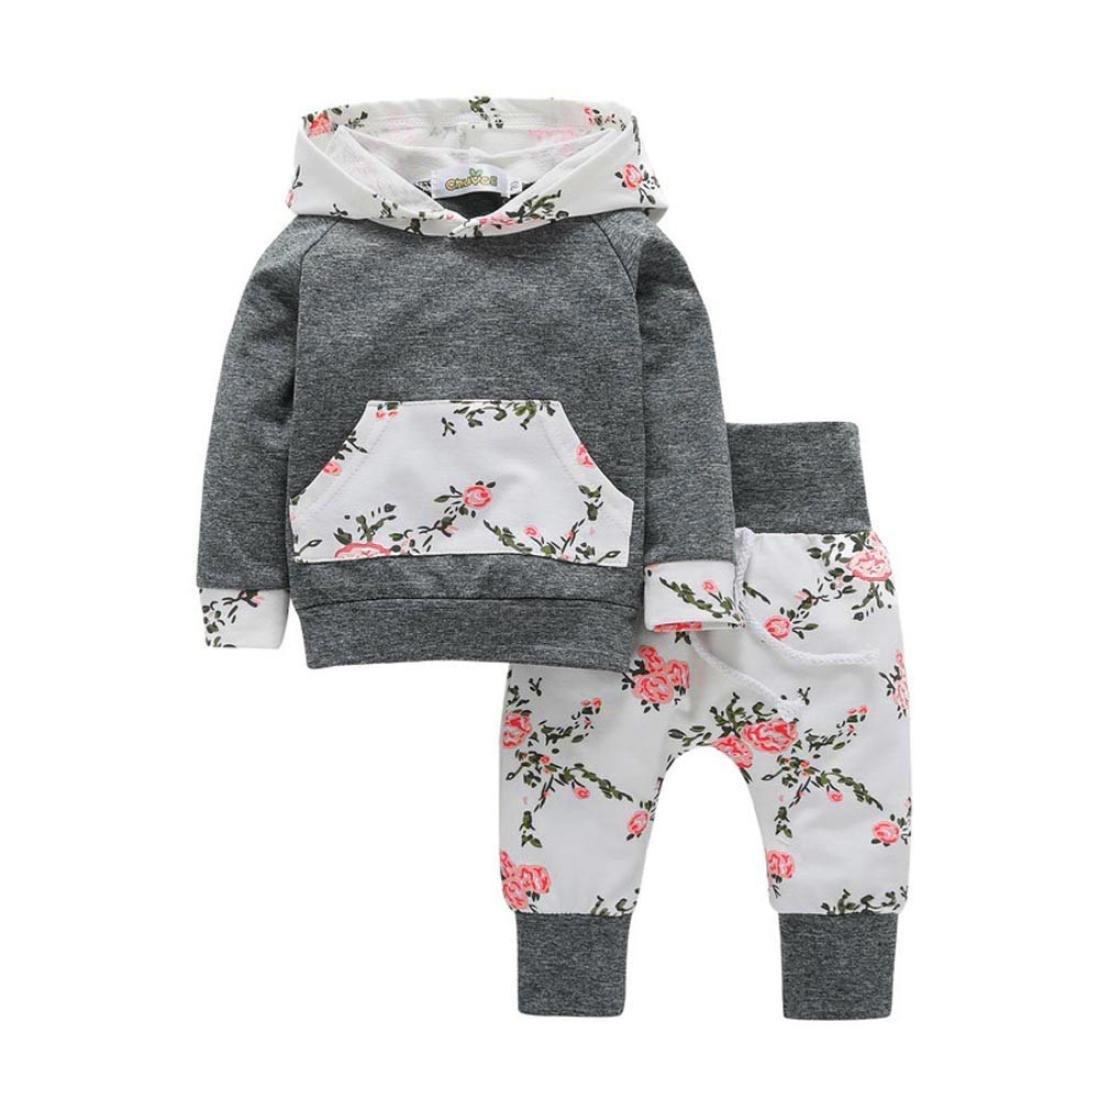 Ragazza abbigliamento, Beikoard -30% tutina bambino + pantaloni + cappello 2PCS infantili Baby Boy Girl clothes set floreale con cappuccio + pantaloni vestiti